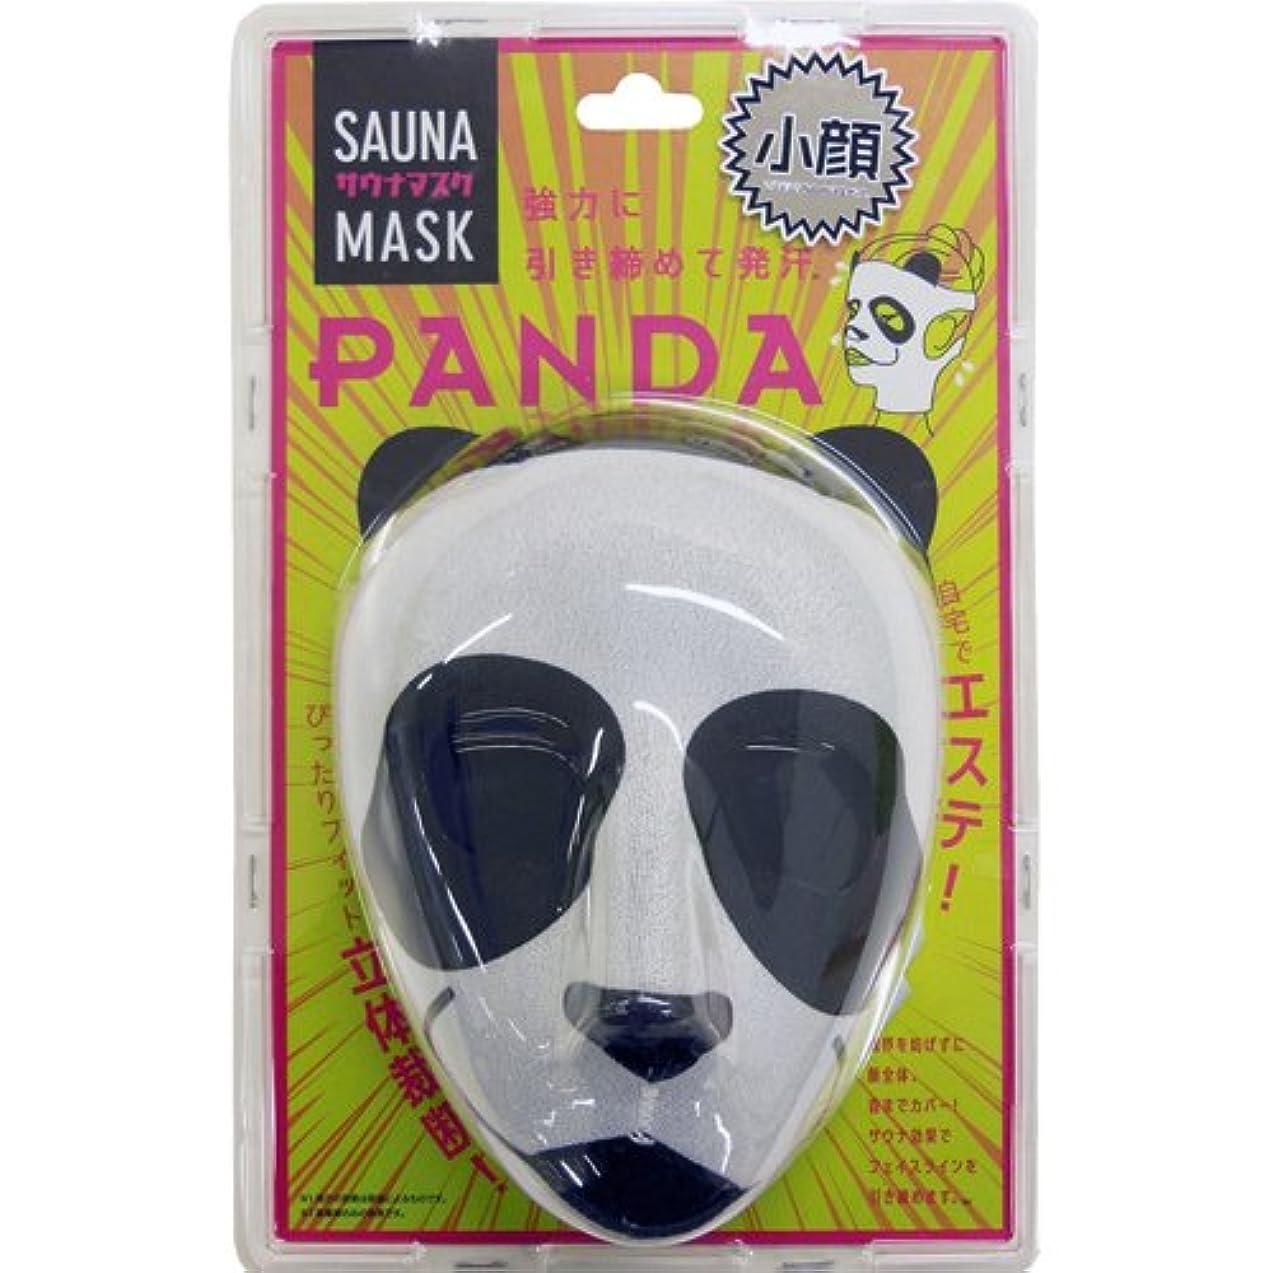 水を飲む葬儀修羅場コジット サウナマスク PANDA (1個)